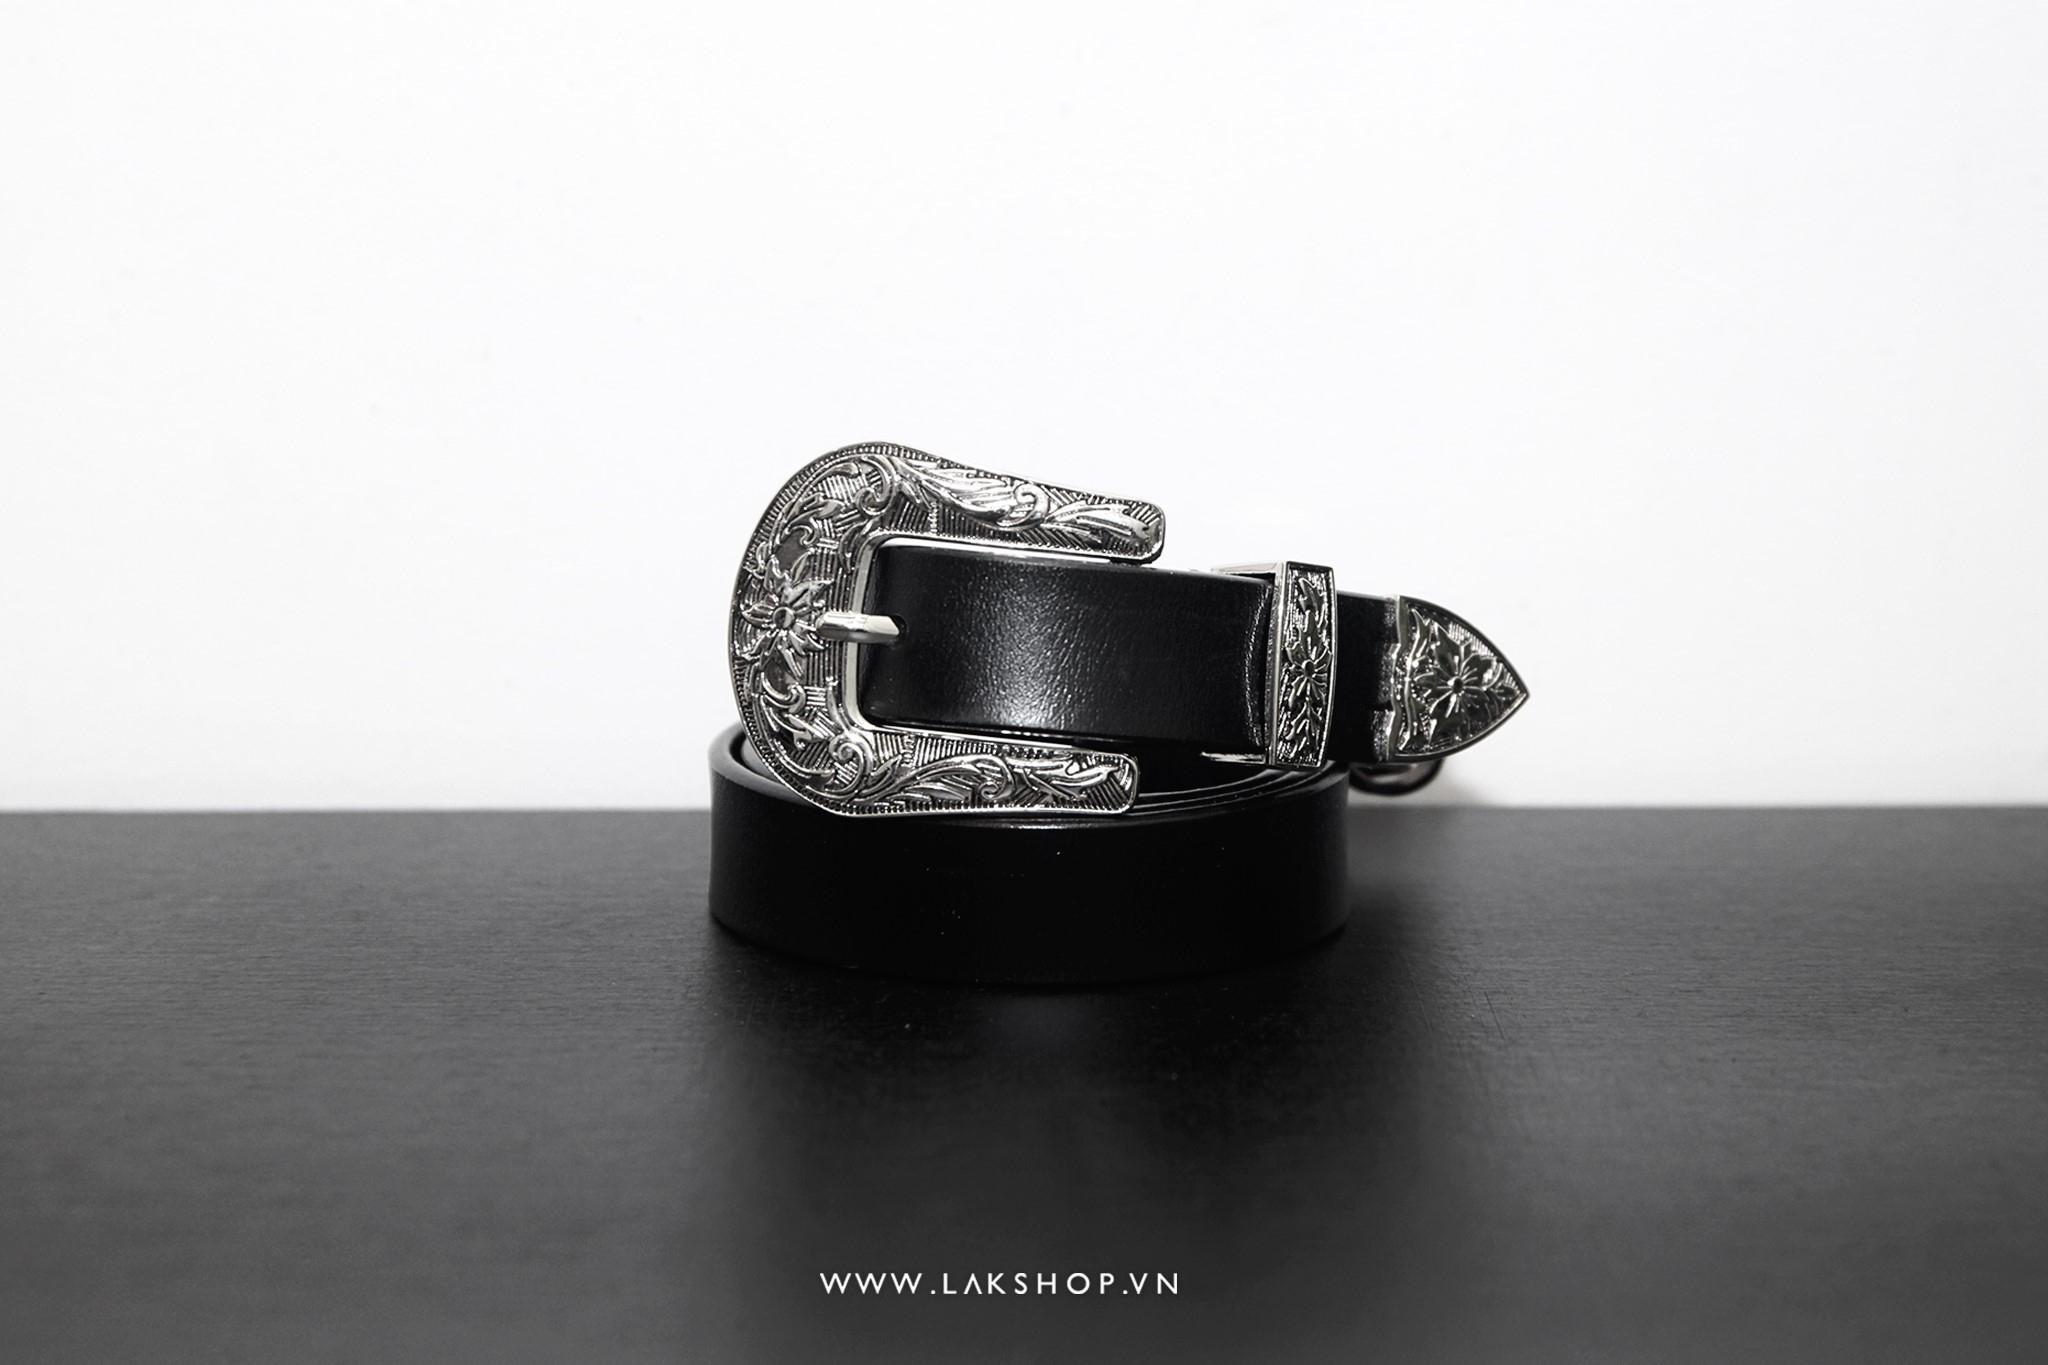 Thắt Lưng 17 - Cowboy Leather Belt (2,5cm)